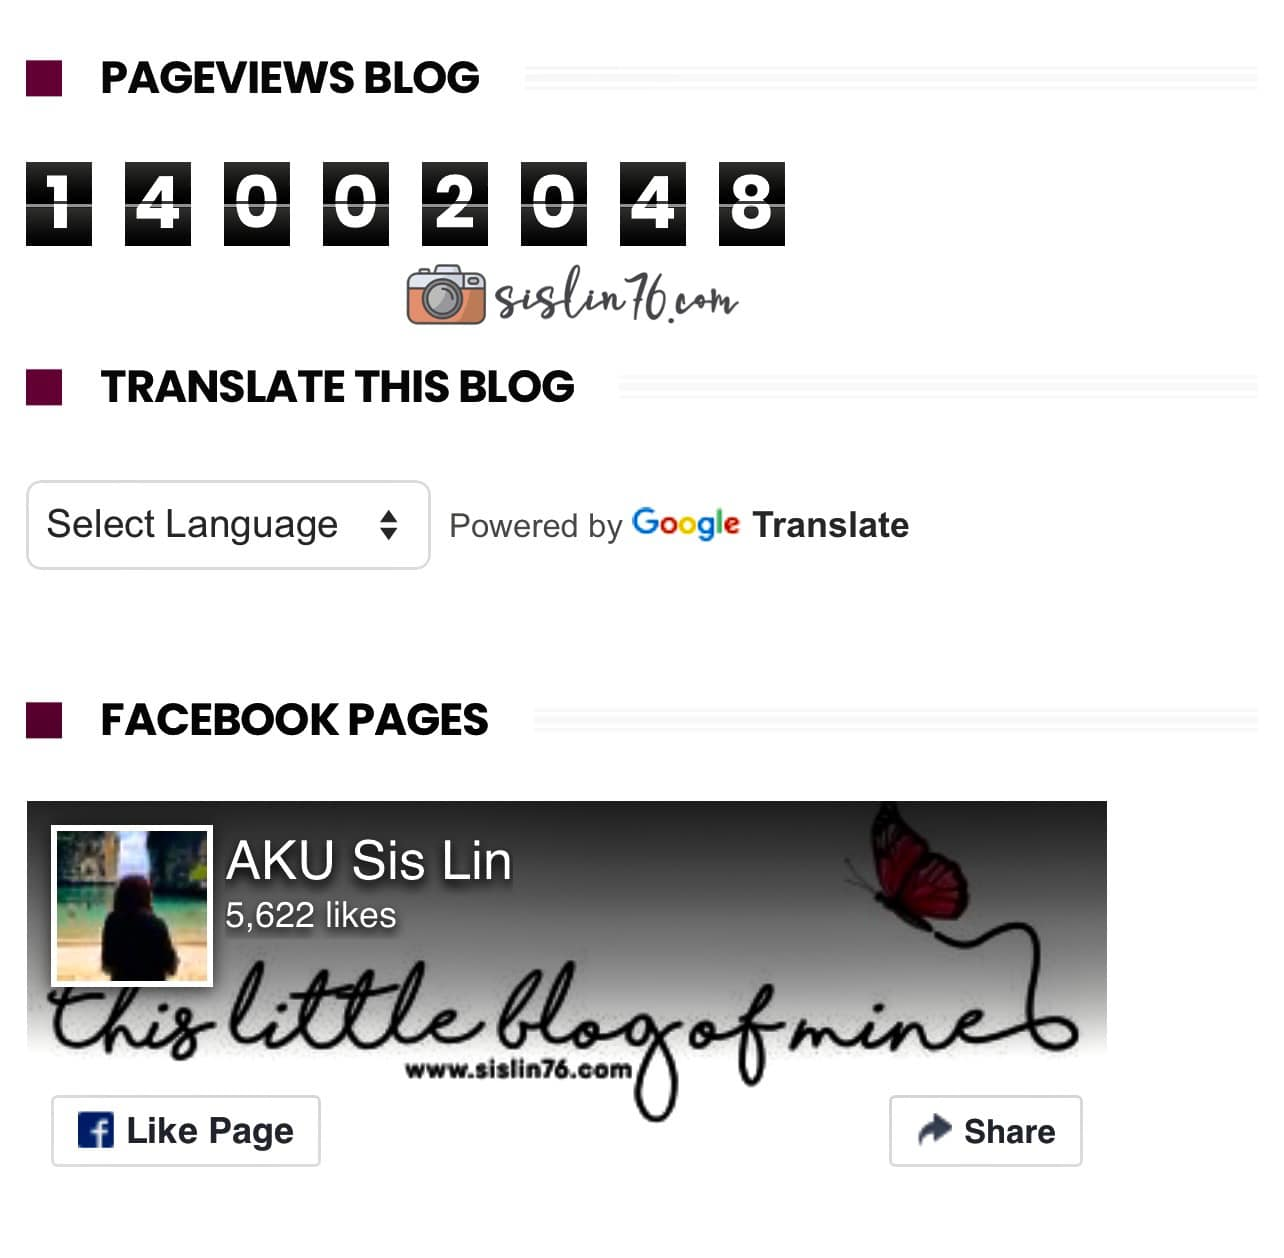 Pageviews Blog Aku Dah Masuk 14 Juta!